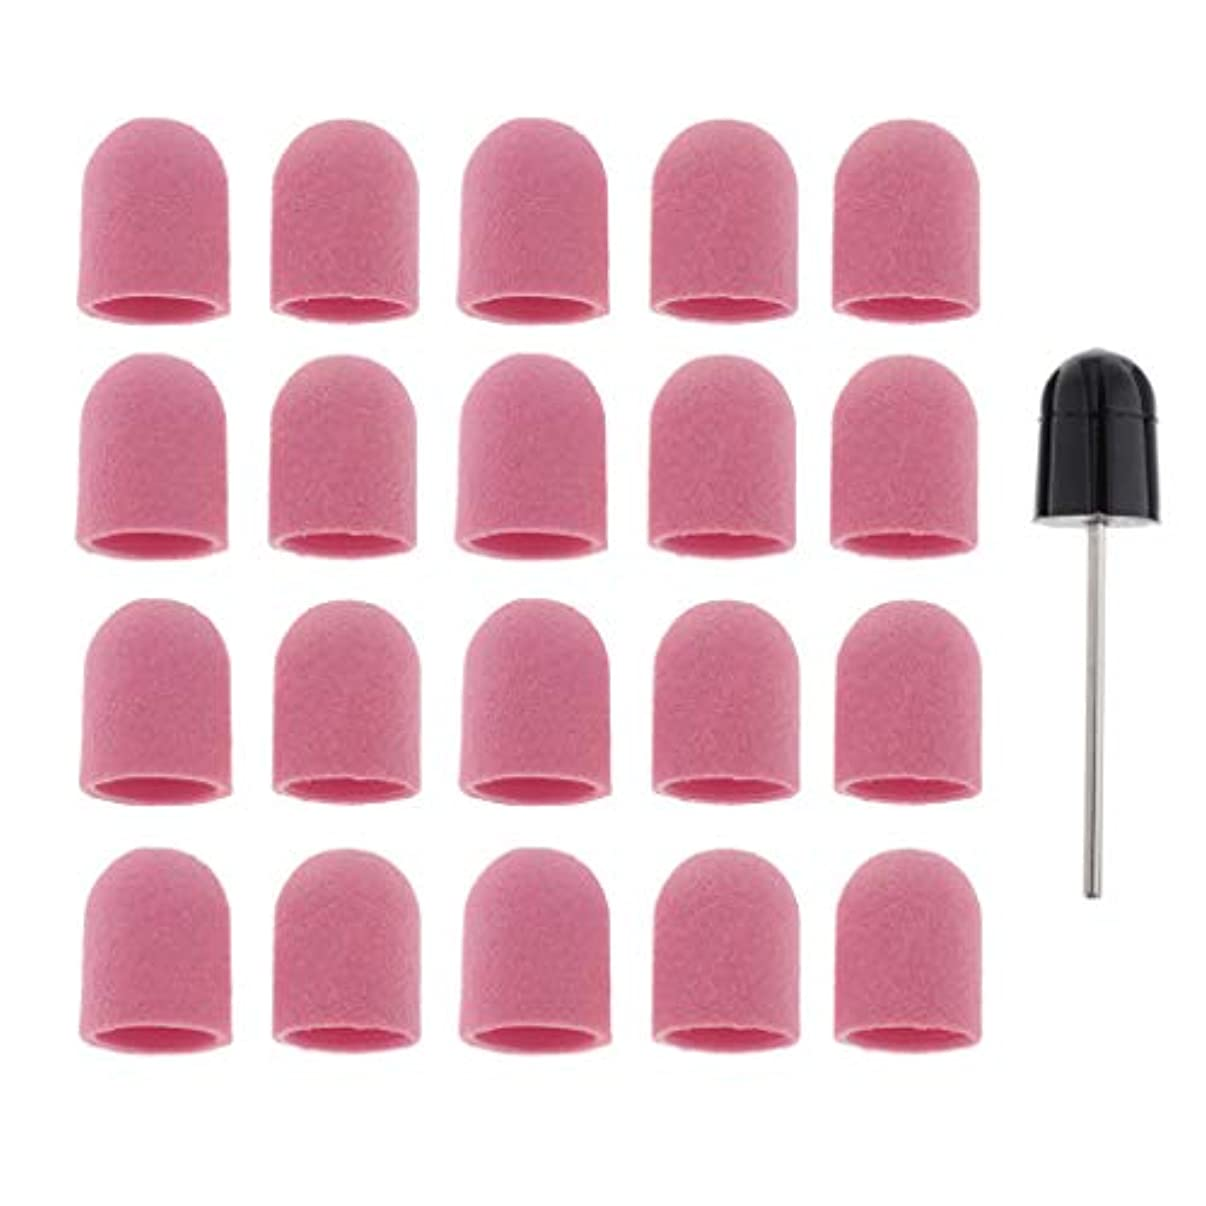 謙虚物理しないPerfeclan ネイルアート ドリルビットバフ 研削ビットバフ キャップ 角質除去 爪磨き ツール 約20本 全5カラー - ピンク